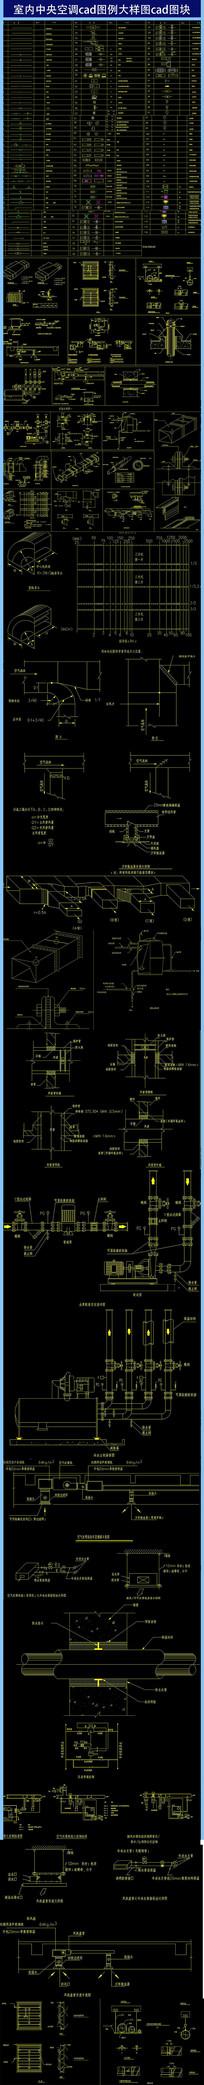 室内中央空调cad图例大样图cad图块